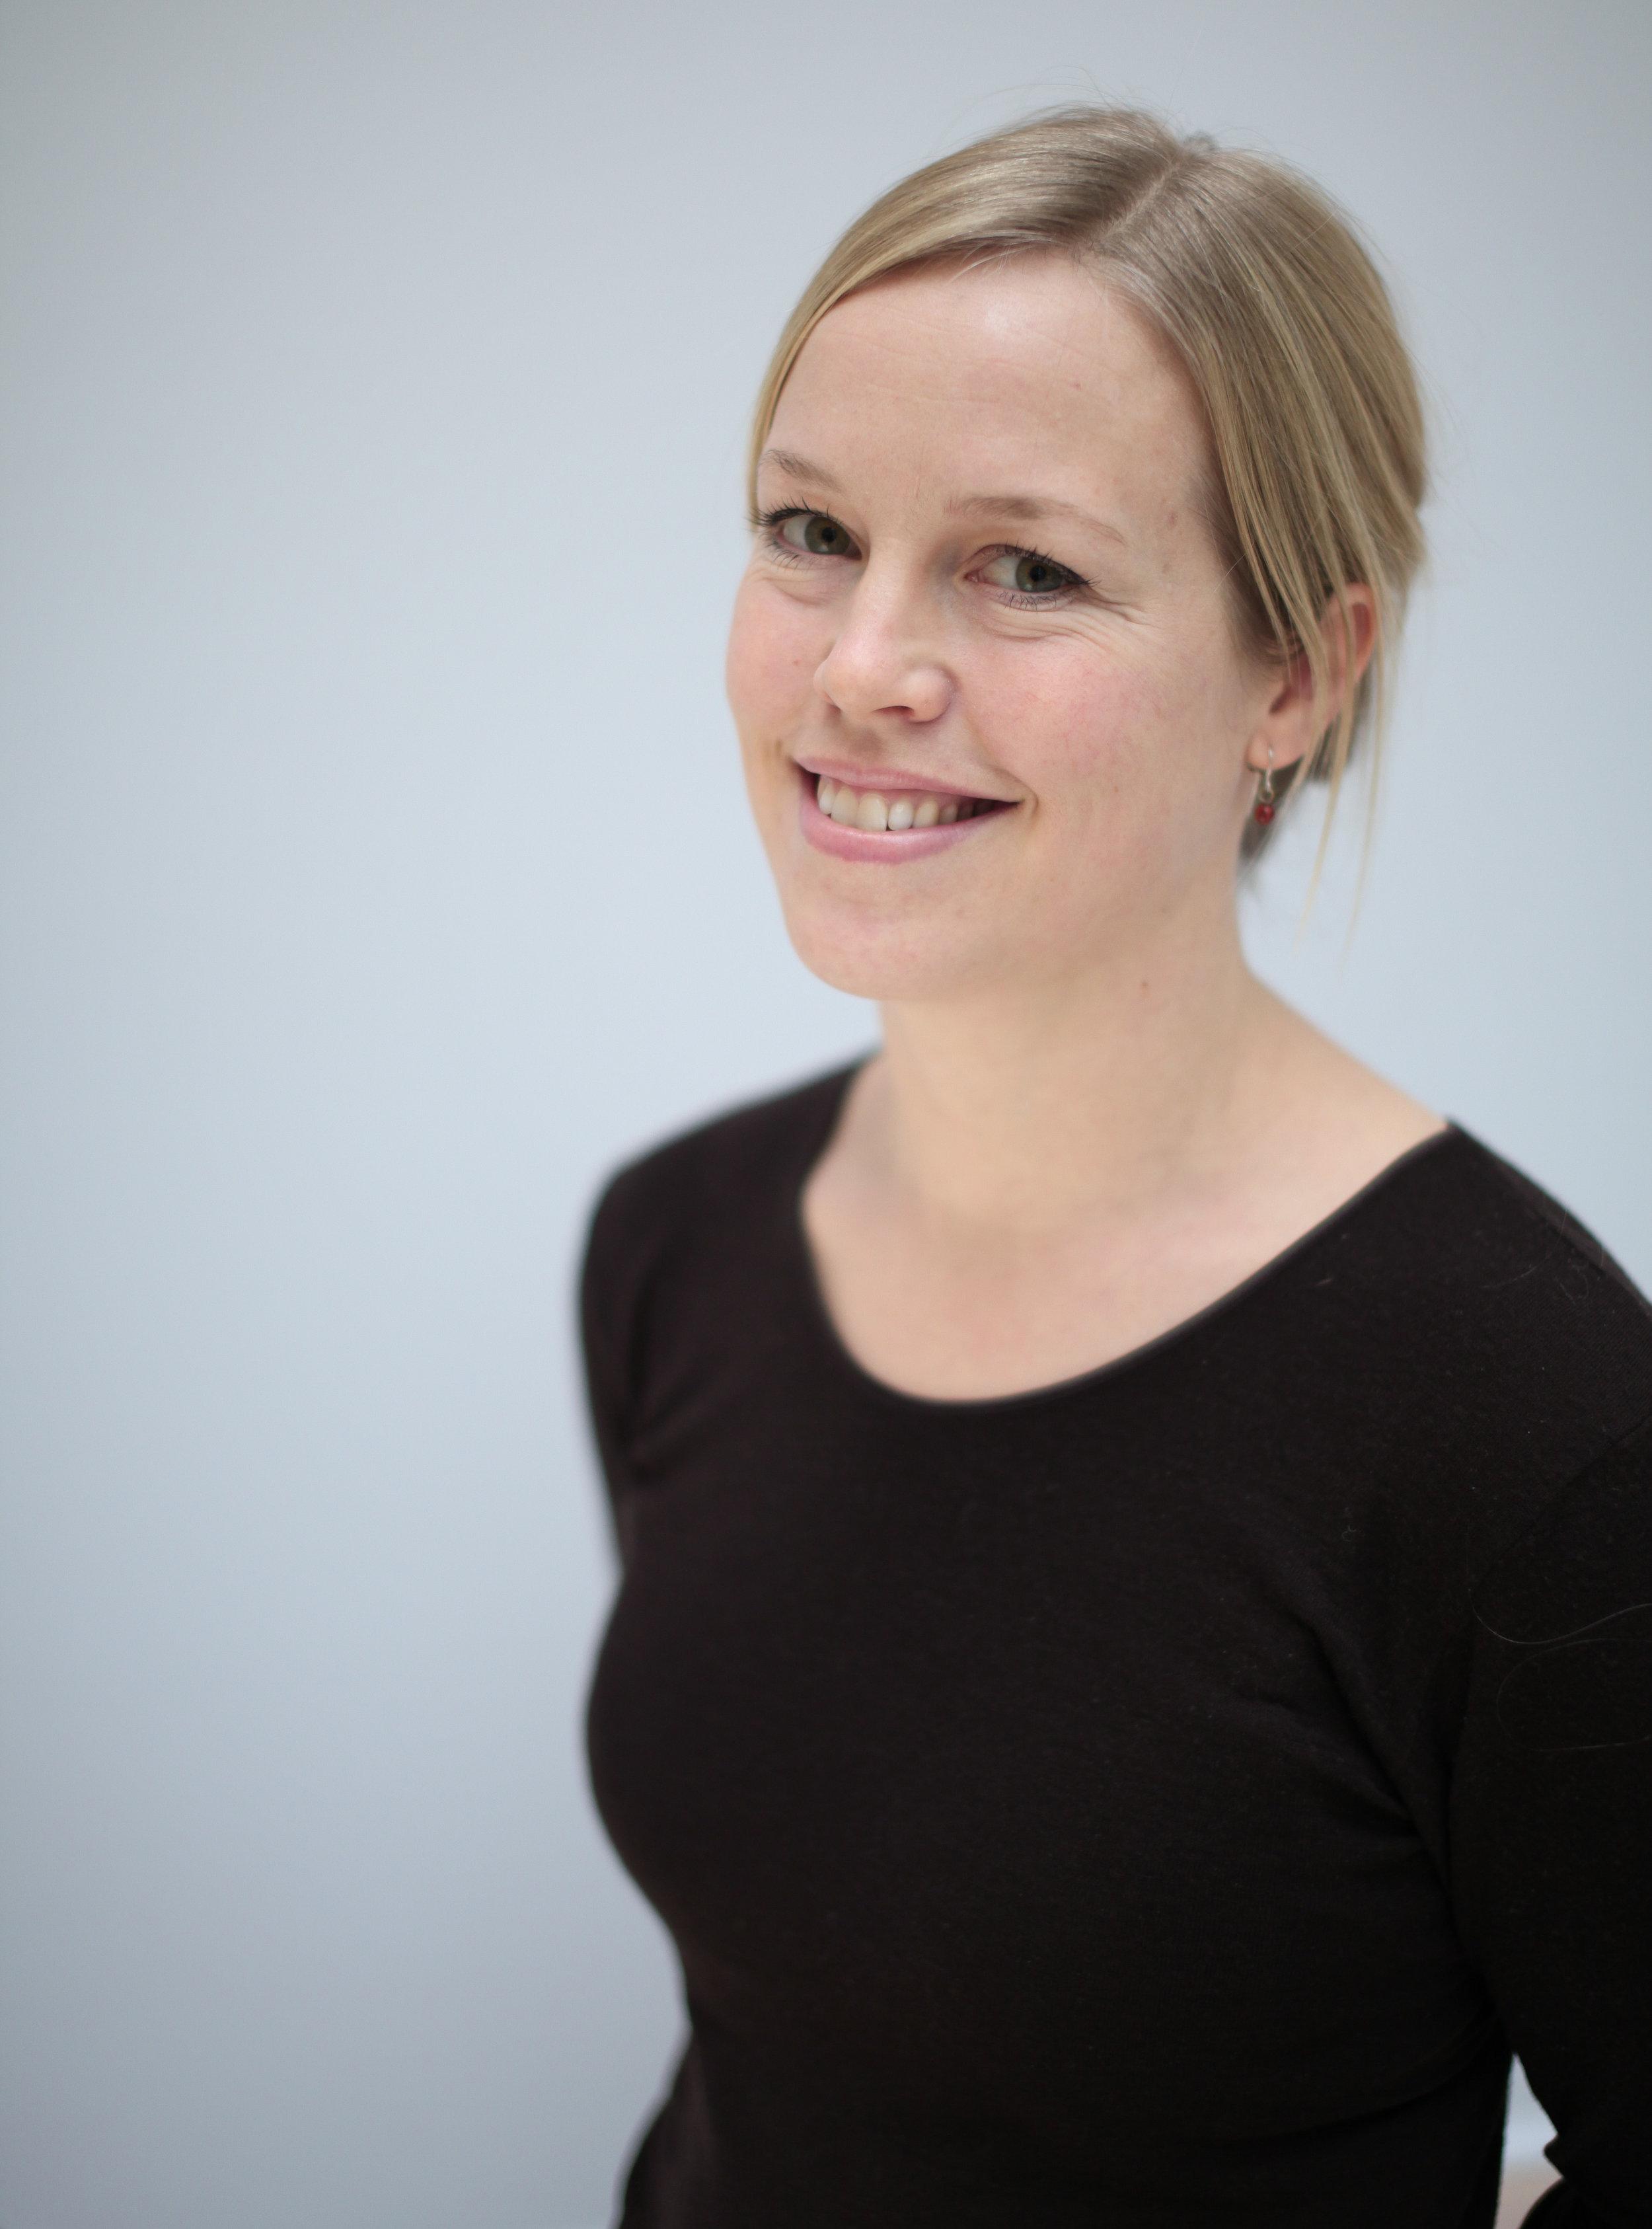 - Marianne Aasen er forsker ved CICERO Senter for klimaforskning og har en doktorgrad fra Universitetet i Ås. Hun har særlig erfaring med tverrfaglig forskning på omstilling til et lavutslippssamfunn og med problemstillinger knyttet til folks respons på klimaendringer, klimapolitikk og virkemidler. For tiden er hun engasjert i et prosjekt (ACT) som søker å forstå hvordan adferd, normer, kunnskap og virkemidler samspiller over tid. I dette prosjektet utvikles en første database om nordmenns adferd, oppfatninger, normer og holdninger knyttet til utslippskutt og omstilling til et lavutslippssamfunn.Foto: CICERO